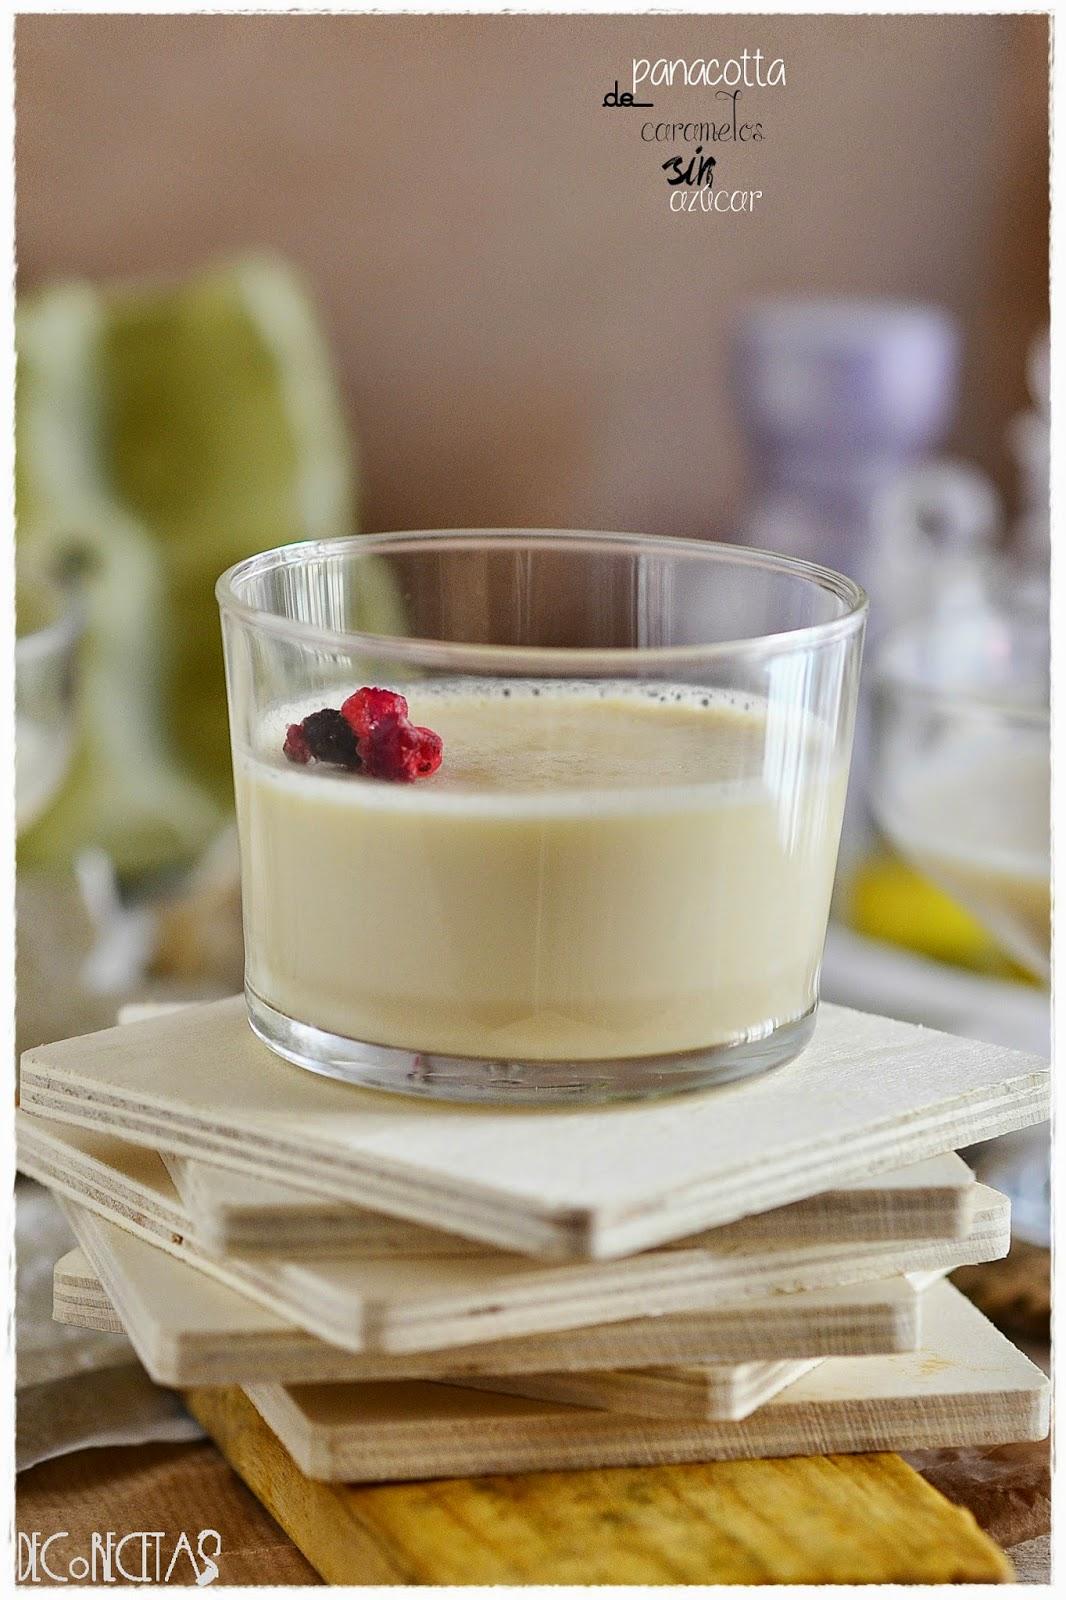 Panacota de cafe: sin azúcar, con 3 ingredientes, en thermomix y en 5 minutos!! Recta con Gelatina neutra